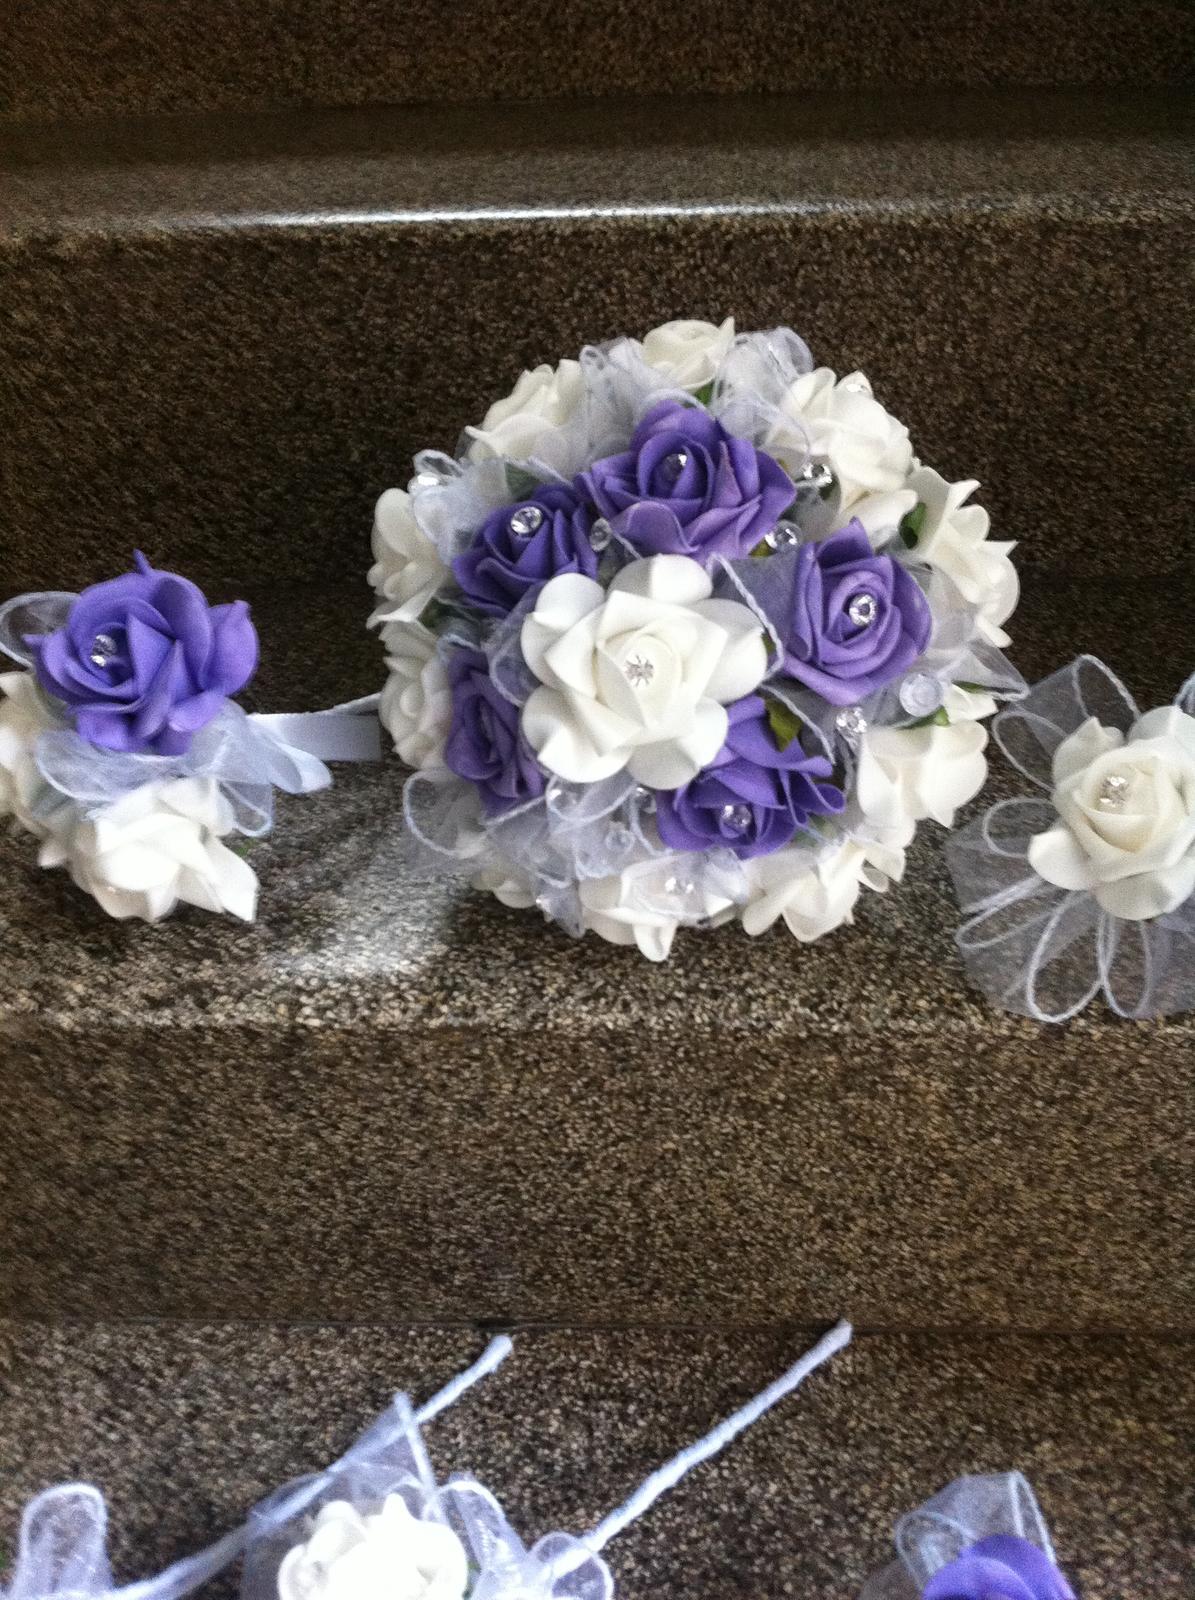 Netradiční svatební kytice - pěnové růžičky + polštářky pod prstýnky, košíčky - Obrázek č. 81